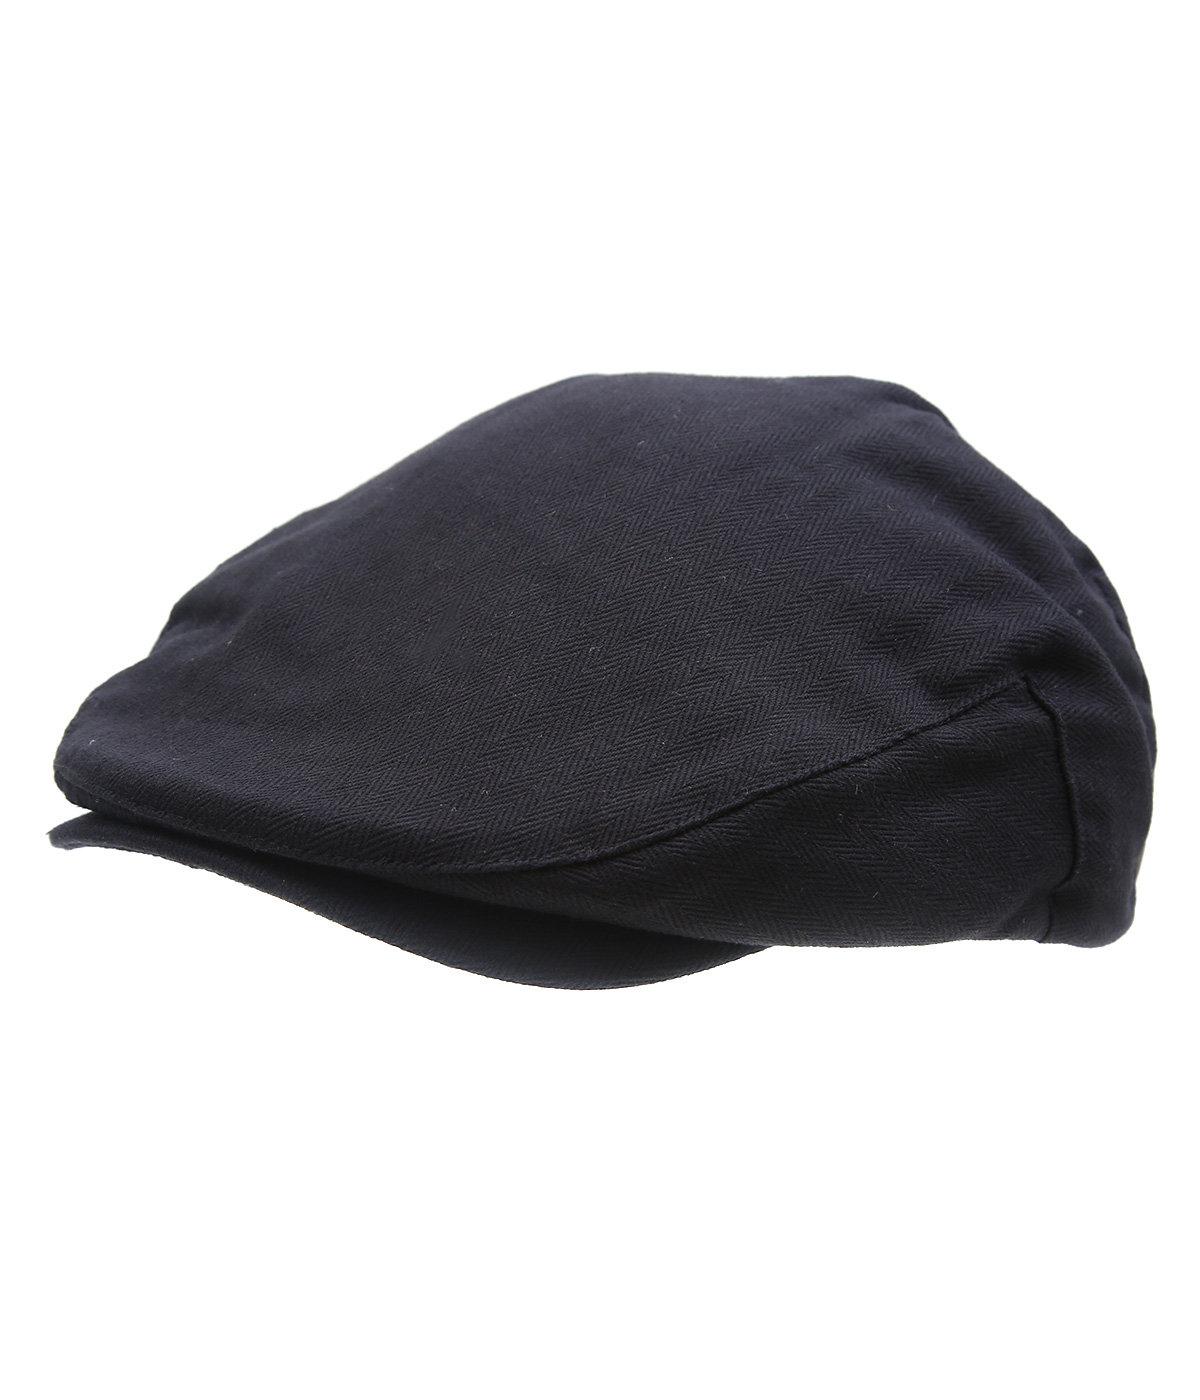 HOOLIGAN SNAP CAP